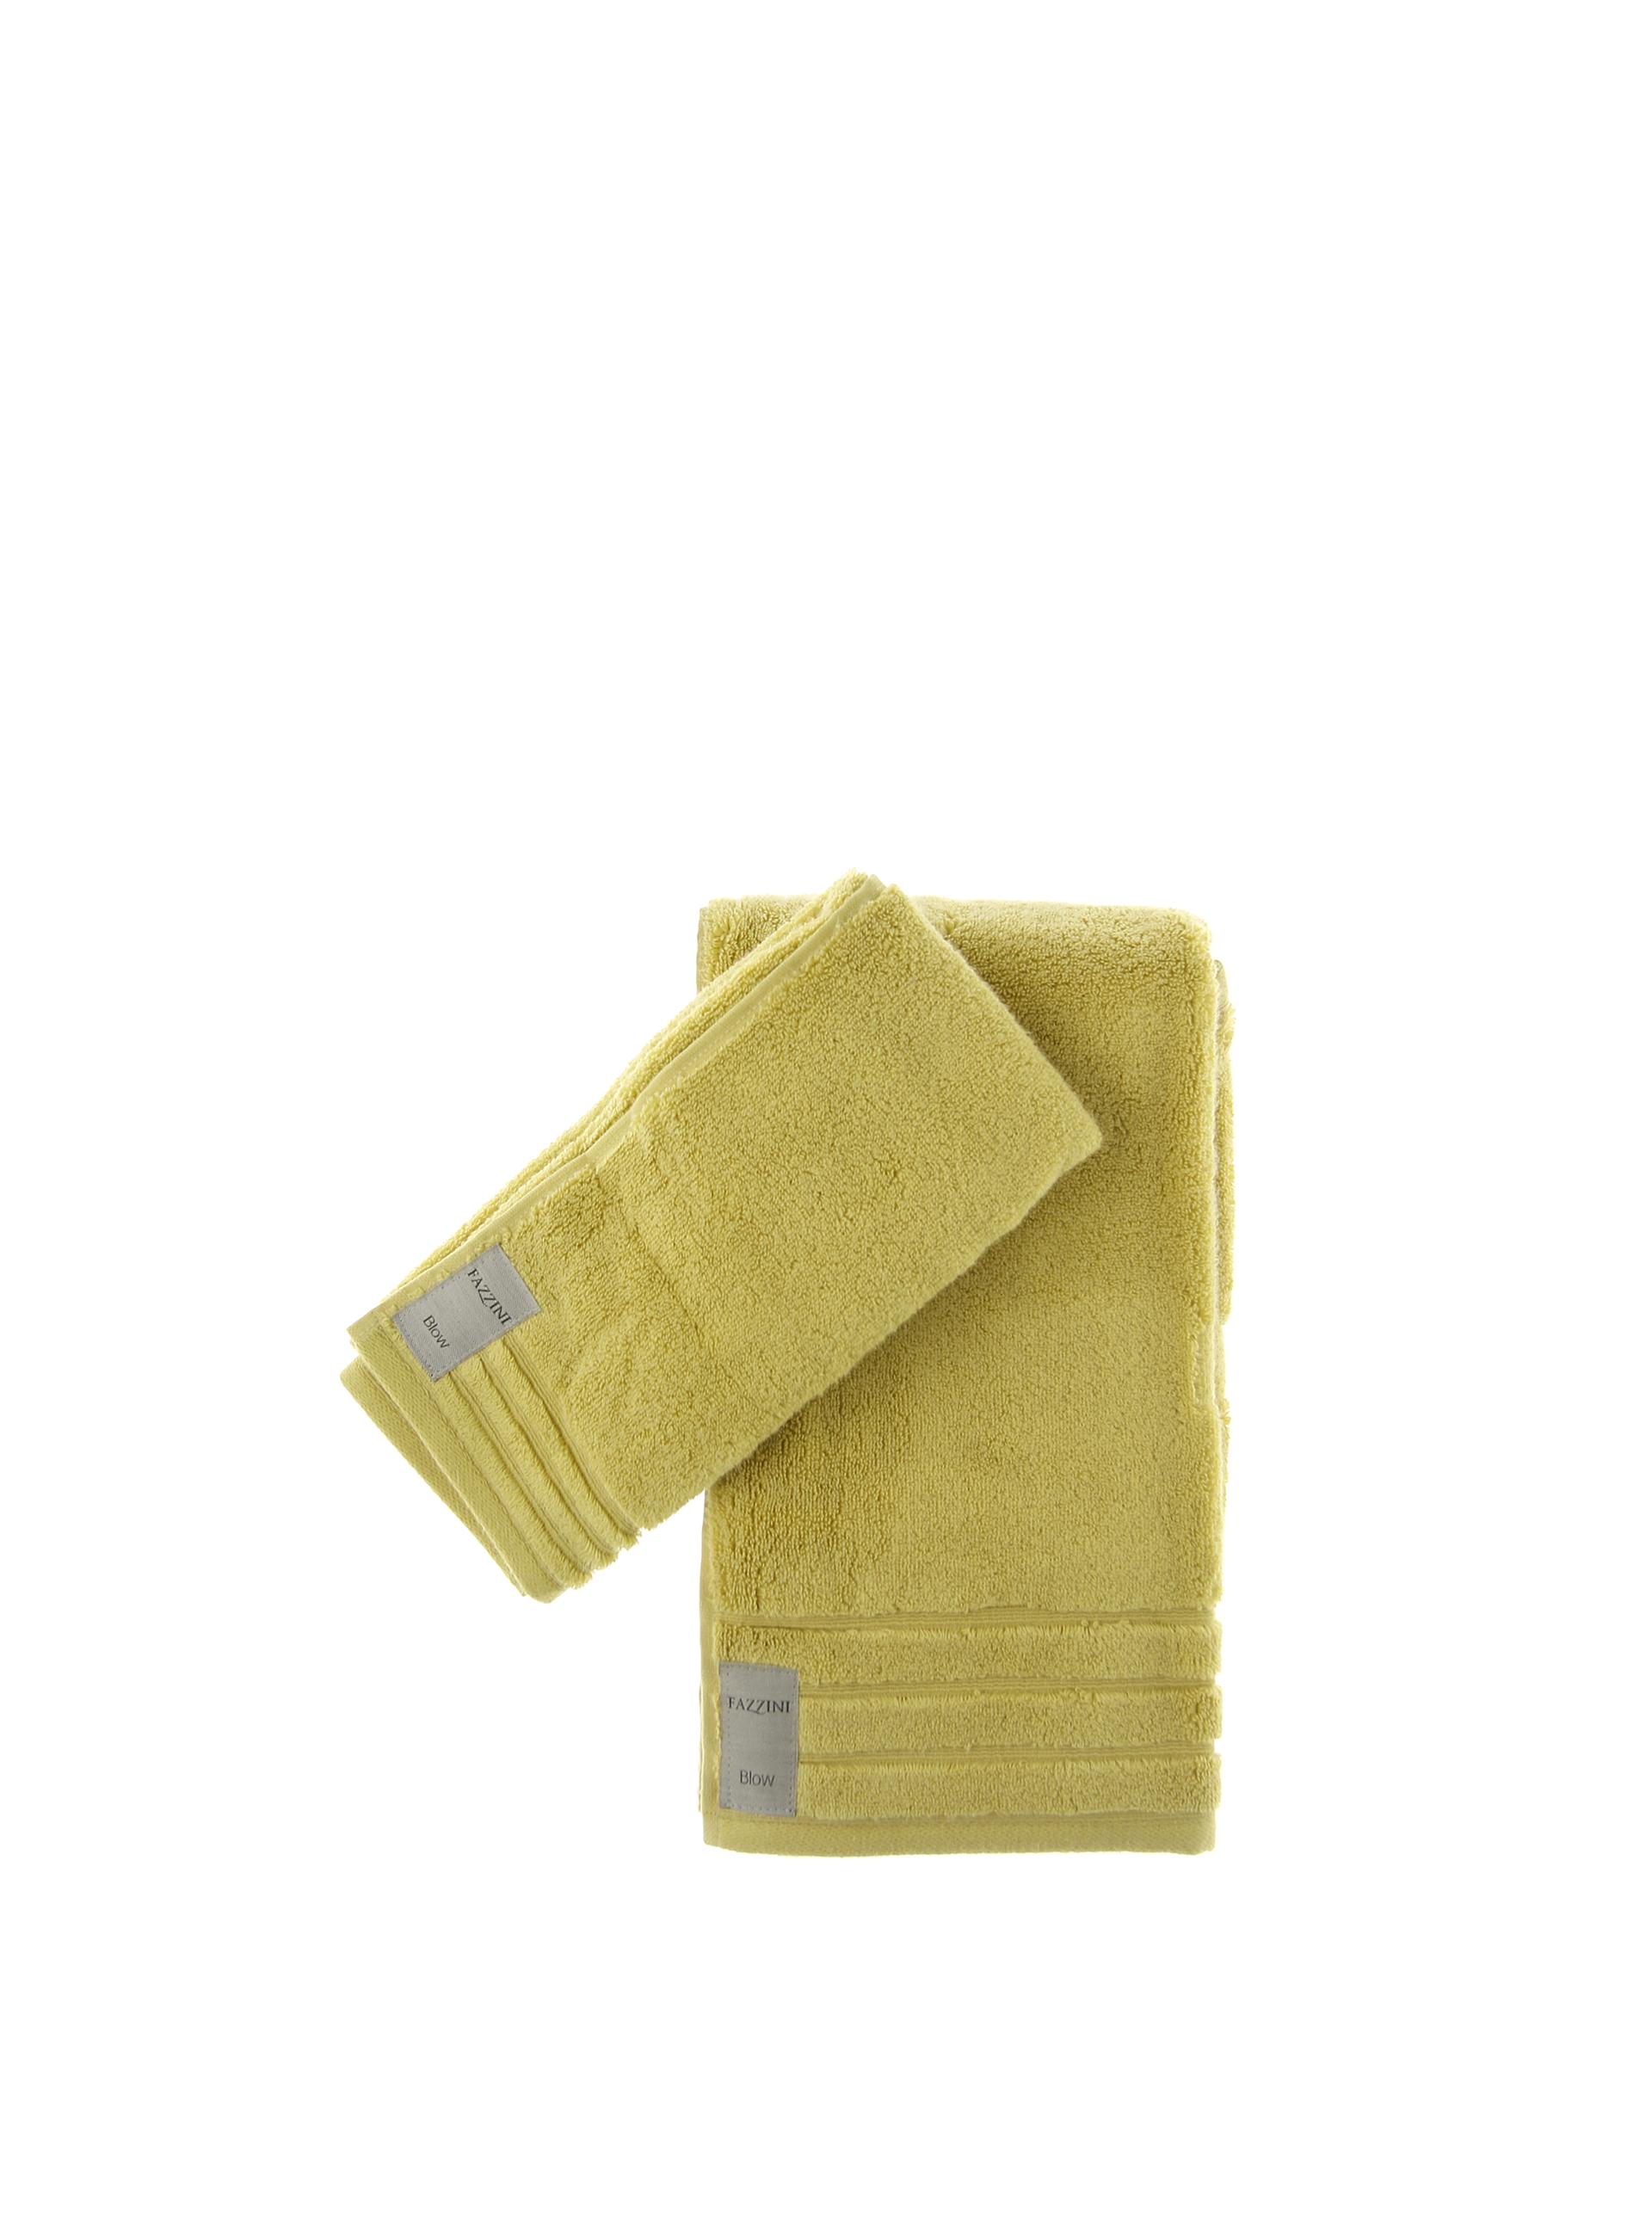 Fazzini coccola -10% bathroom accessories home yellow | Sorelle Ramonda